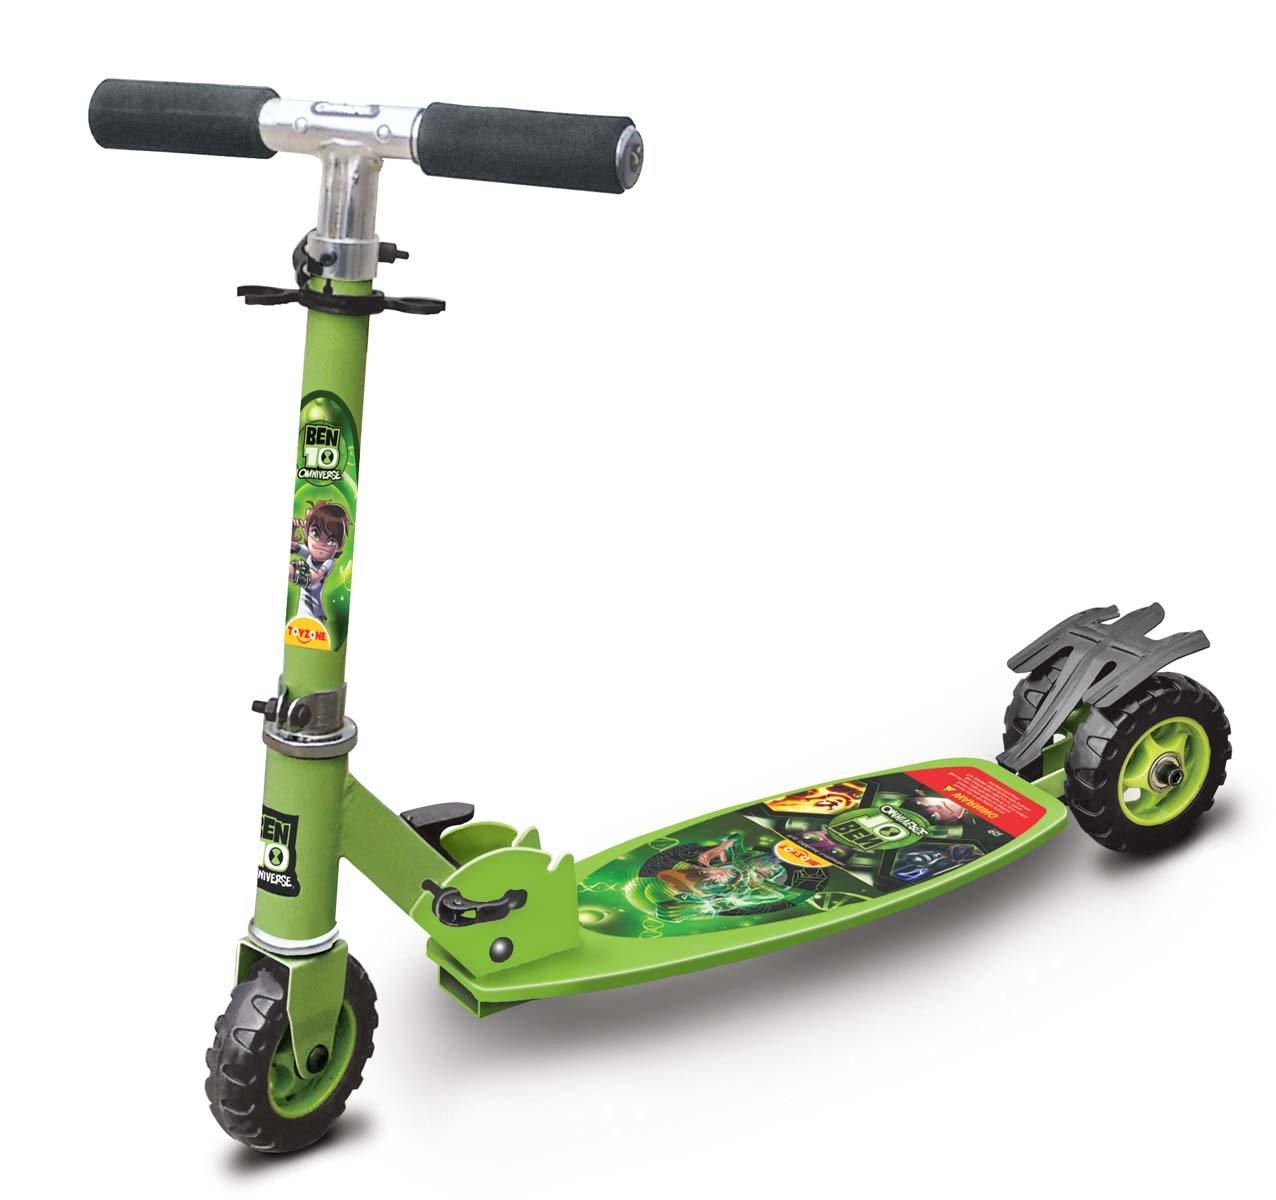 Funsport Ben 10 Scooter Street Roller